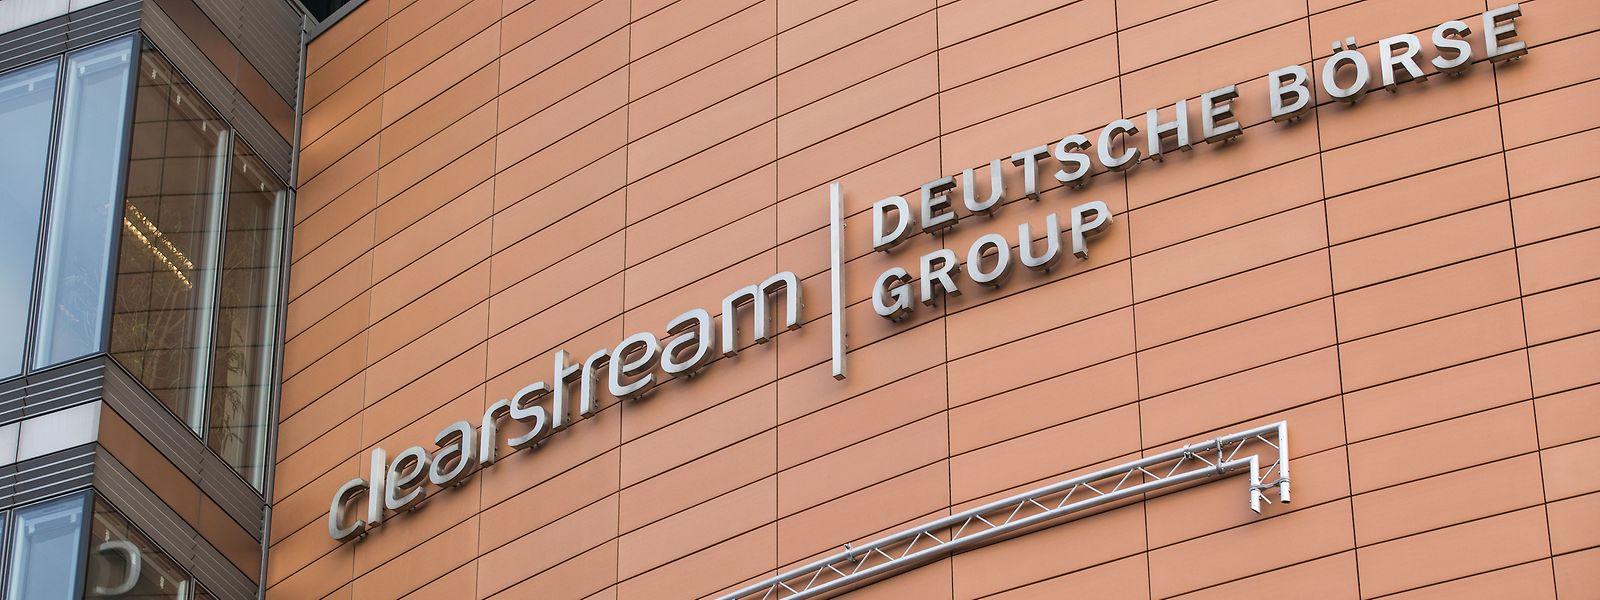 Luxemburg ist der Hauptsitz von Clearstream, einer 100-prozentigen Tochtergesellschaft der Gruppe Deutsche Börse.